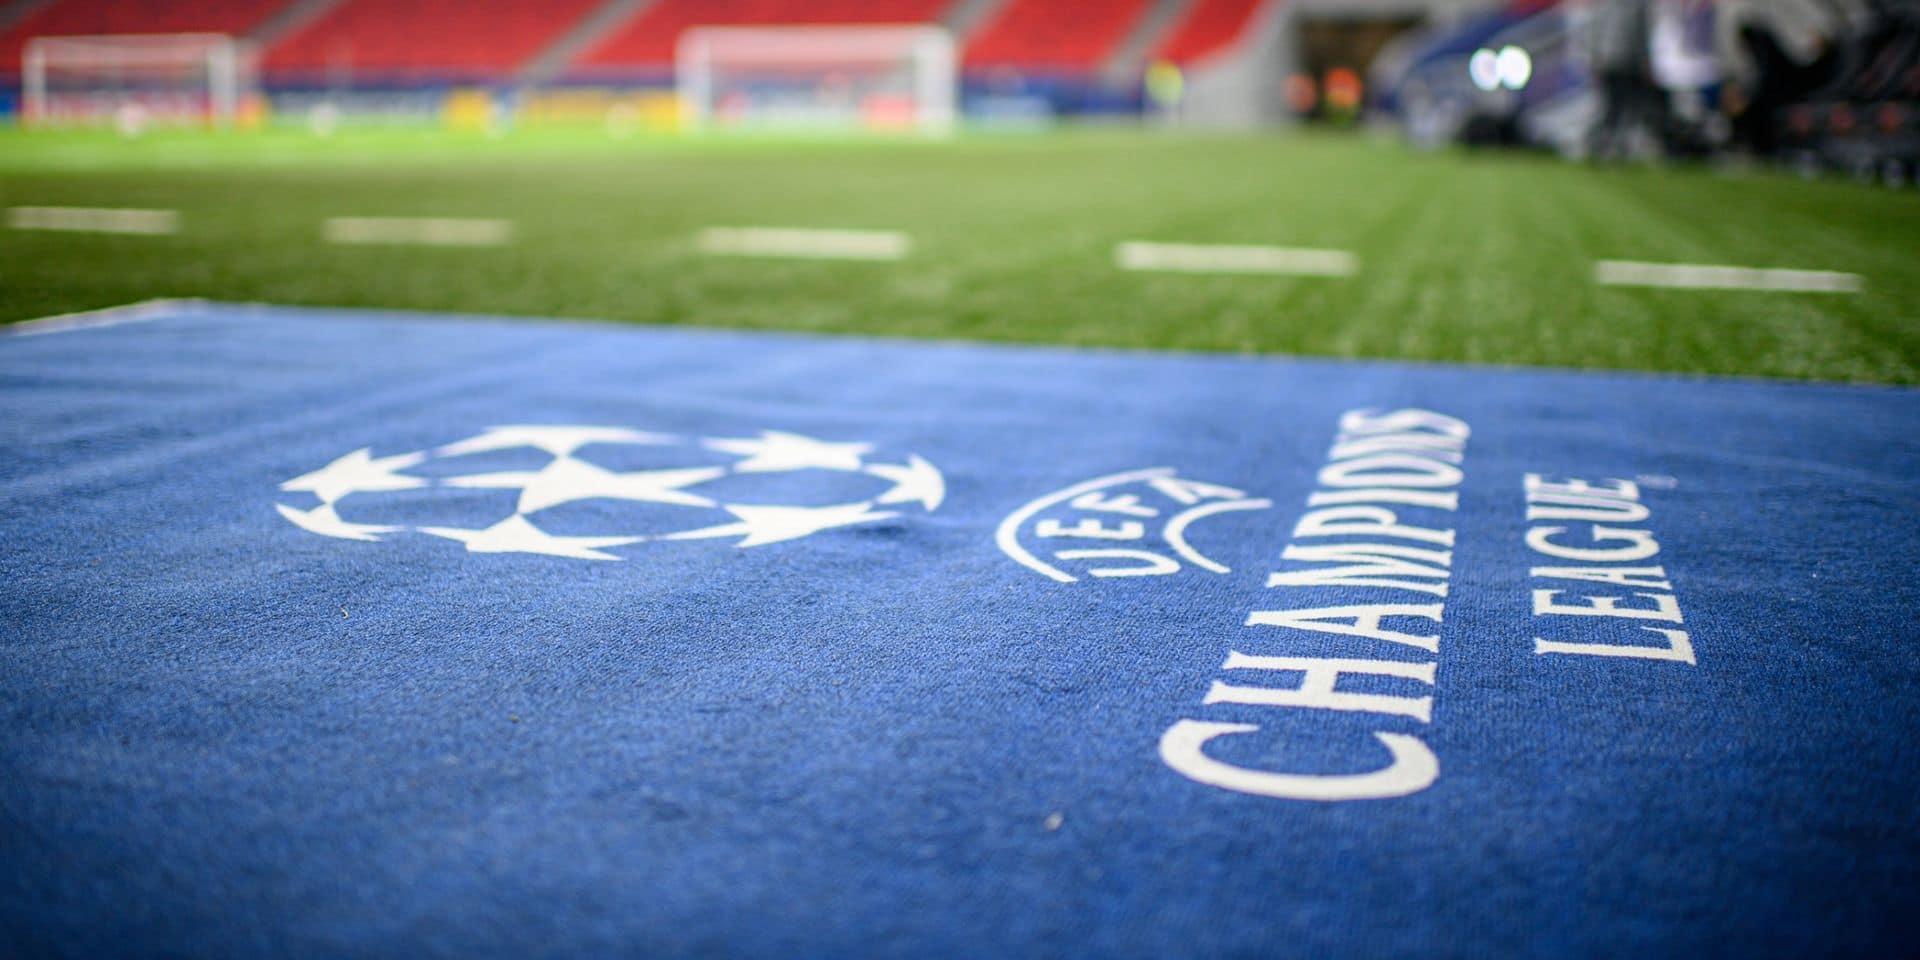 L'UEFA remet au 19 avril une décision officielle sur un nouveau format de Ligue des Champions applicable en 2024